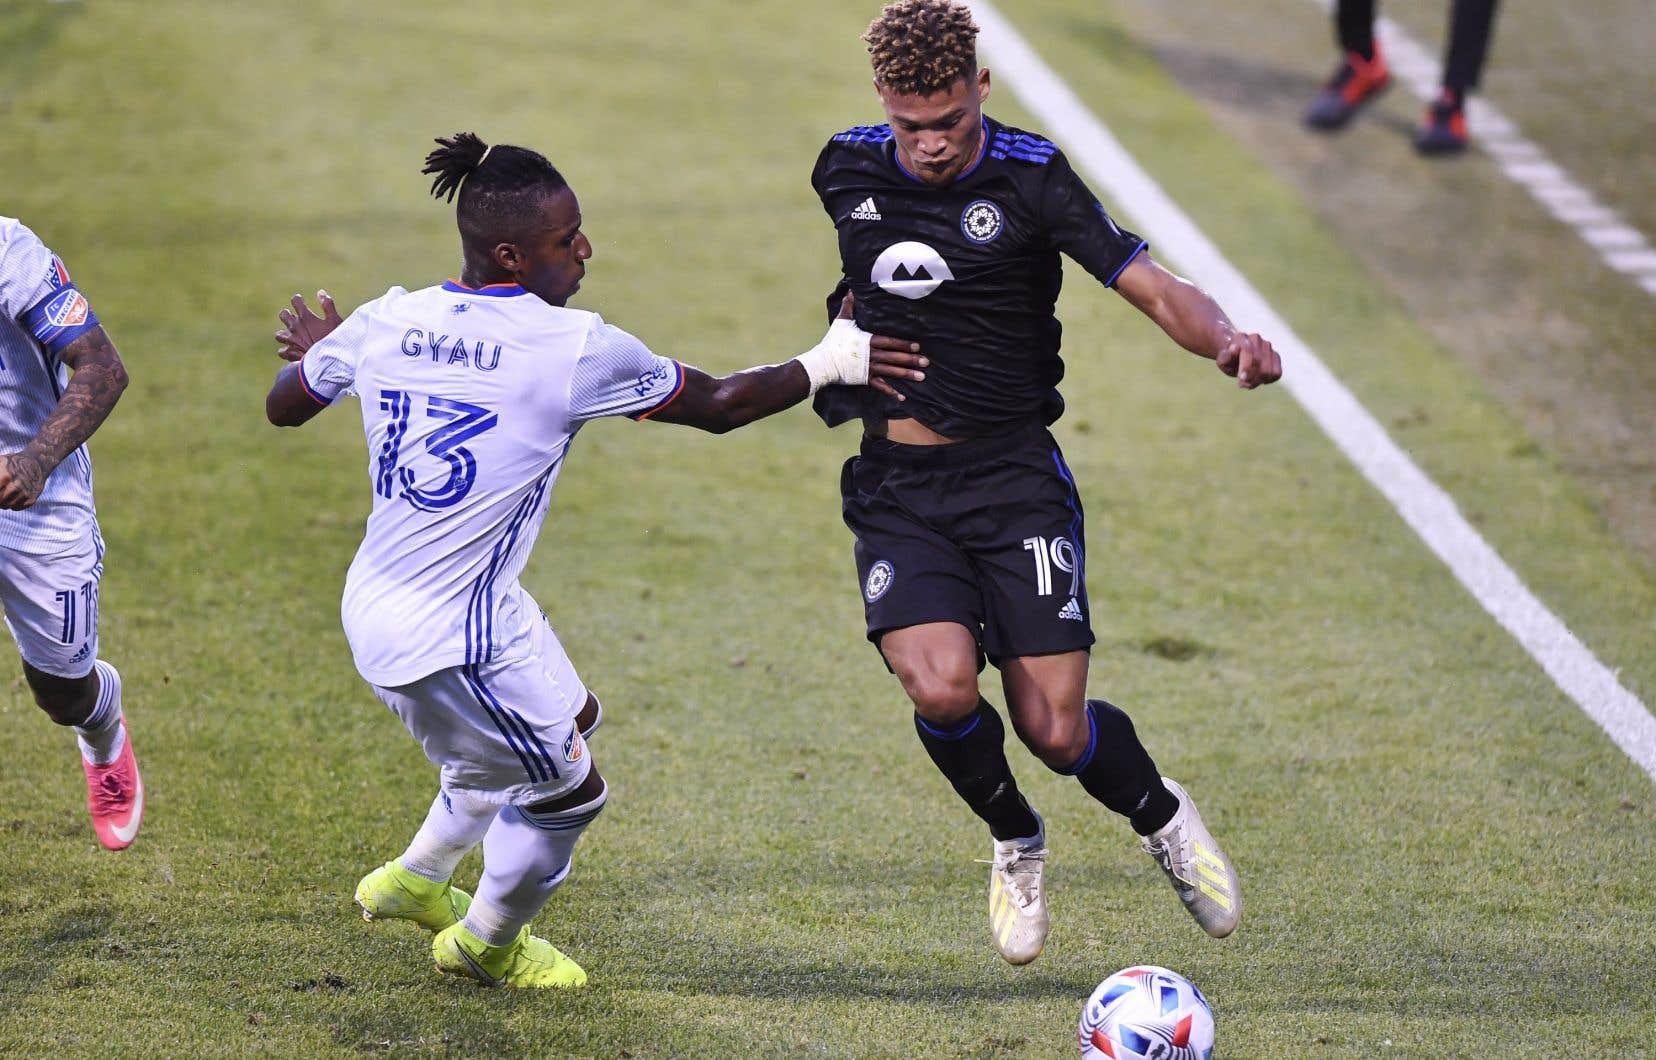 La formation montréalaise n'aura pas nécessairement envie de se lancer dans un autre festival offensif comme celui de samedi au stade Saputo, où il s'est marqué neuf buts, dont cinq par le CF Montréal contre le FC Cincinnati.